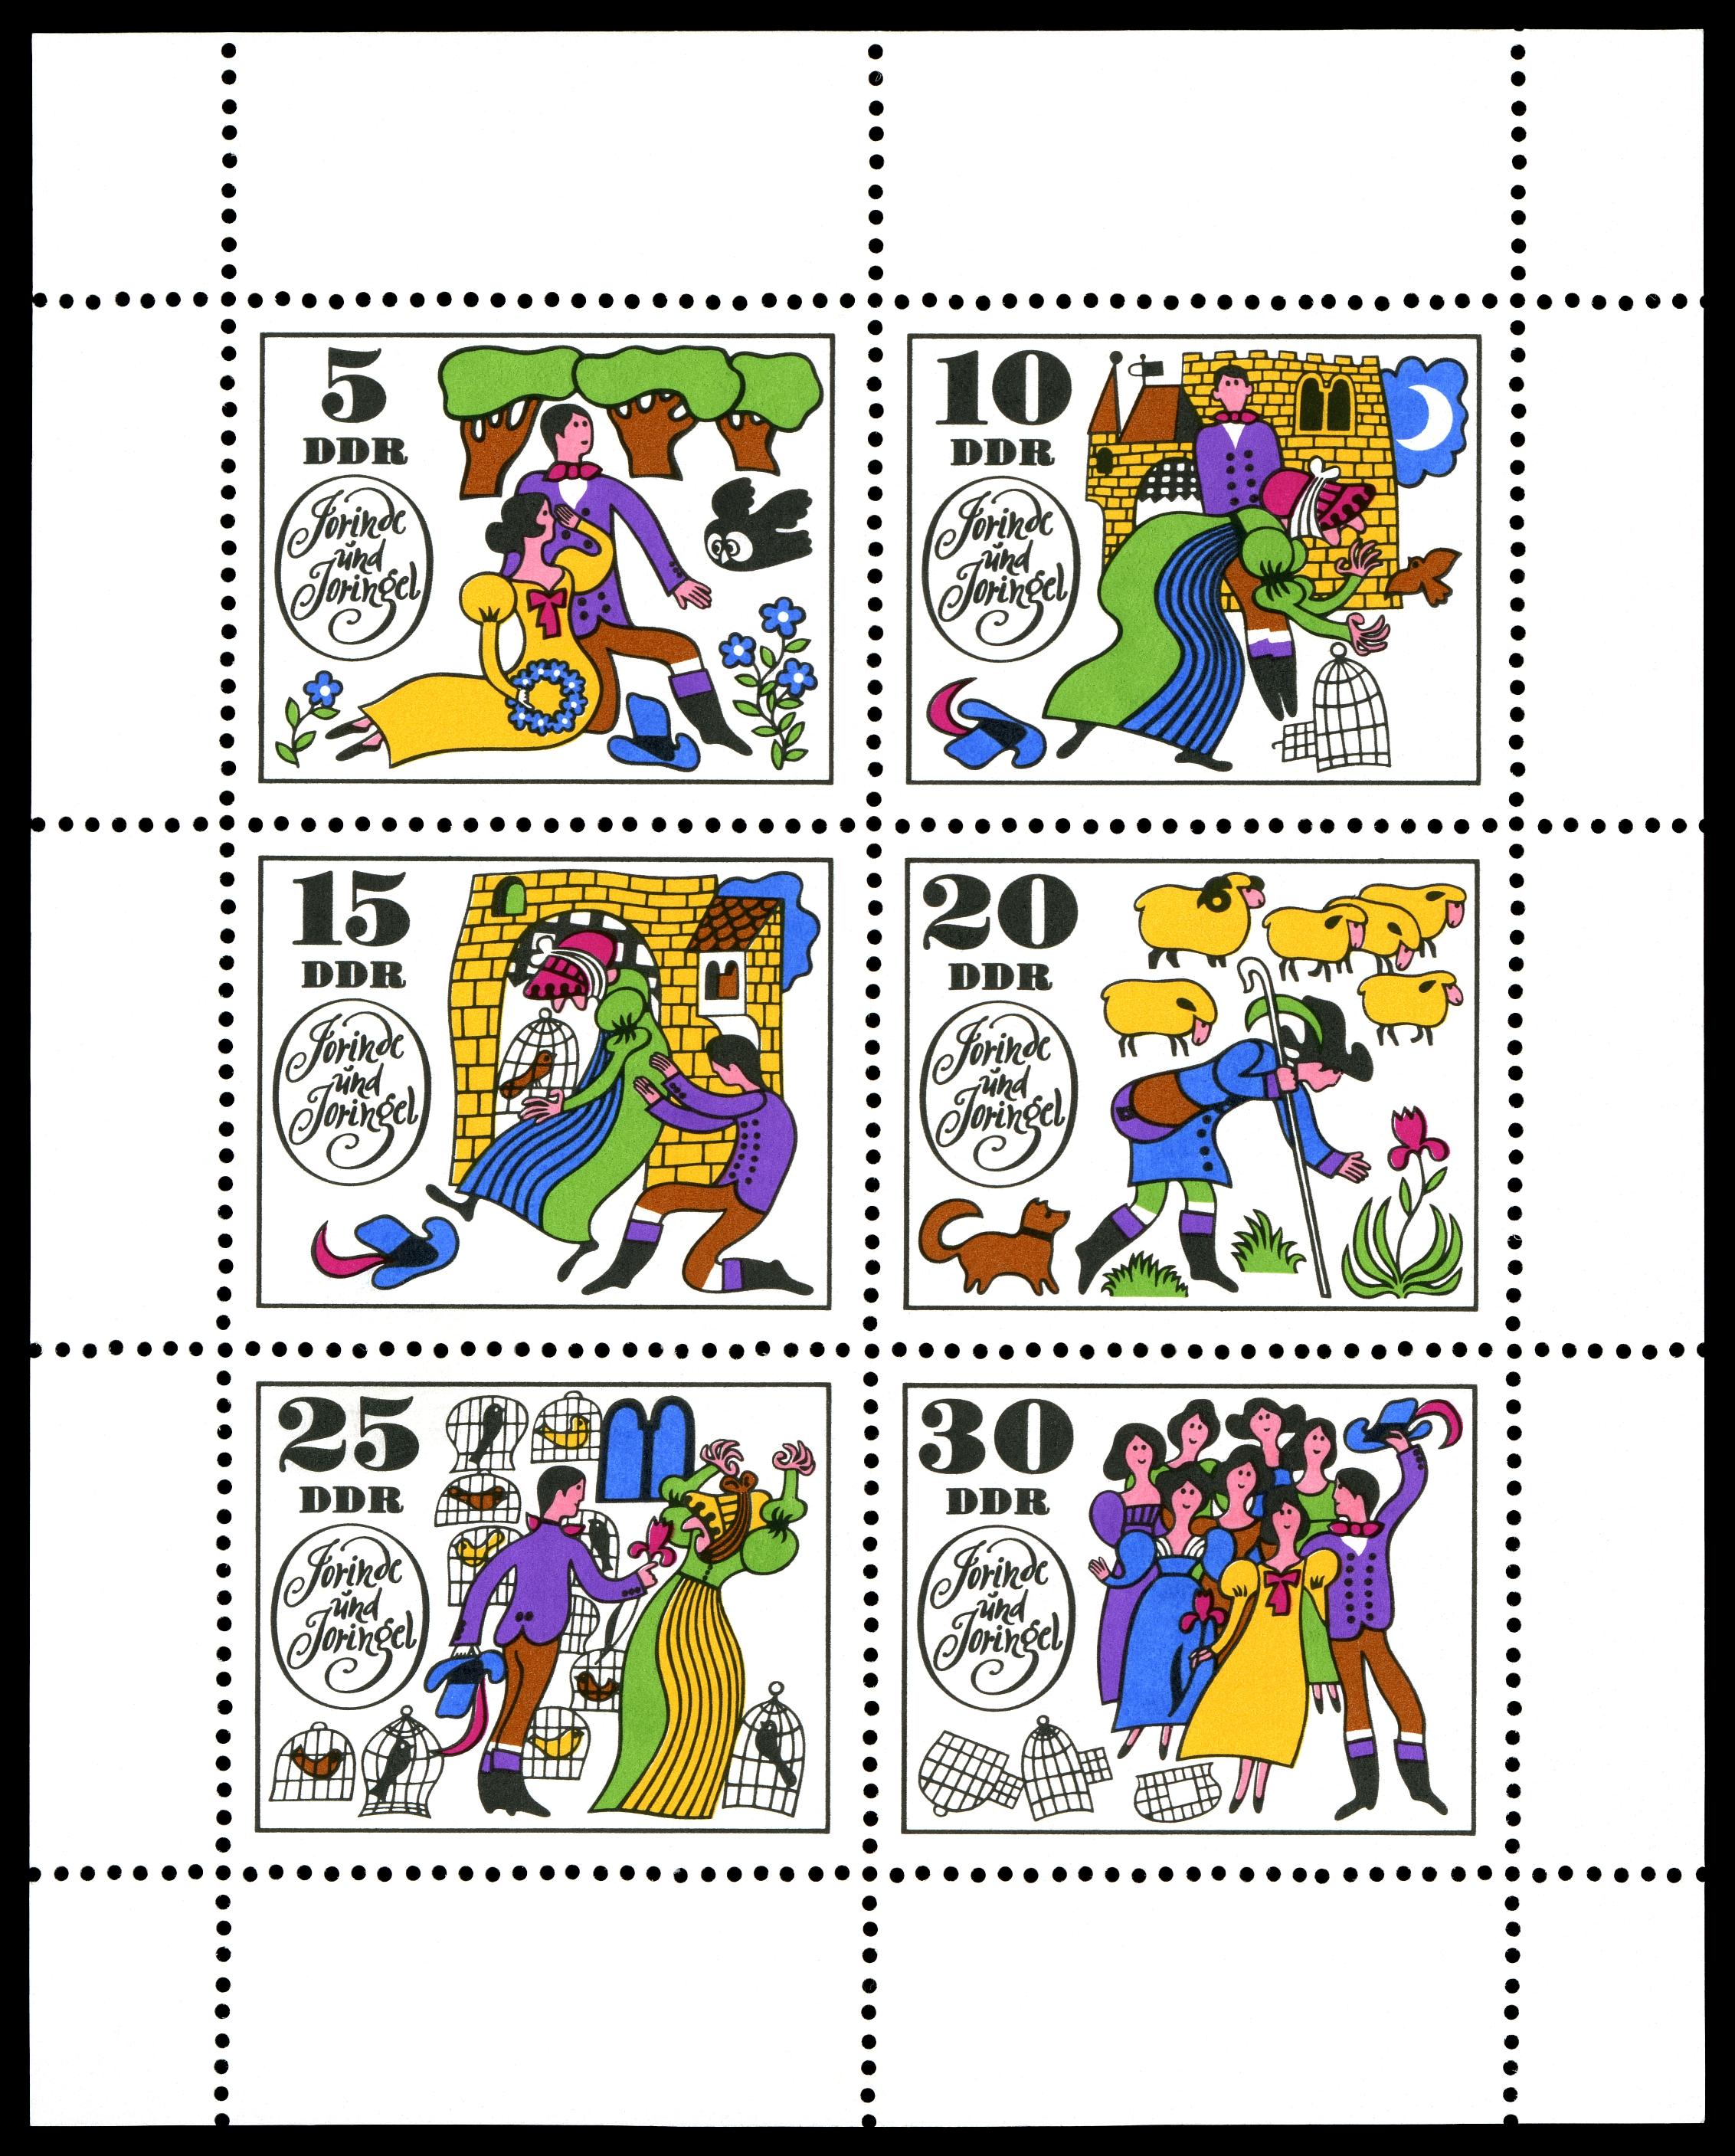 DDR 童话故事系列邮票(一) - 谷雨 - 一壶清茶 三五知己